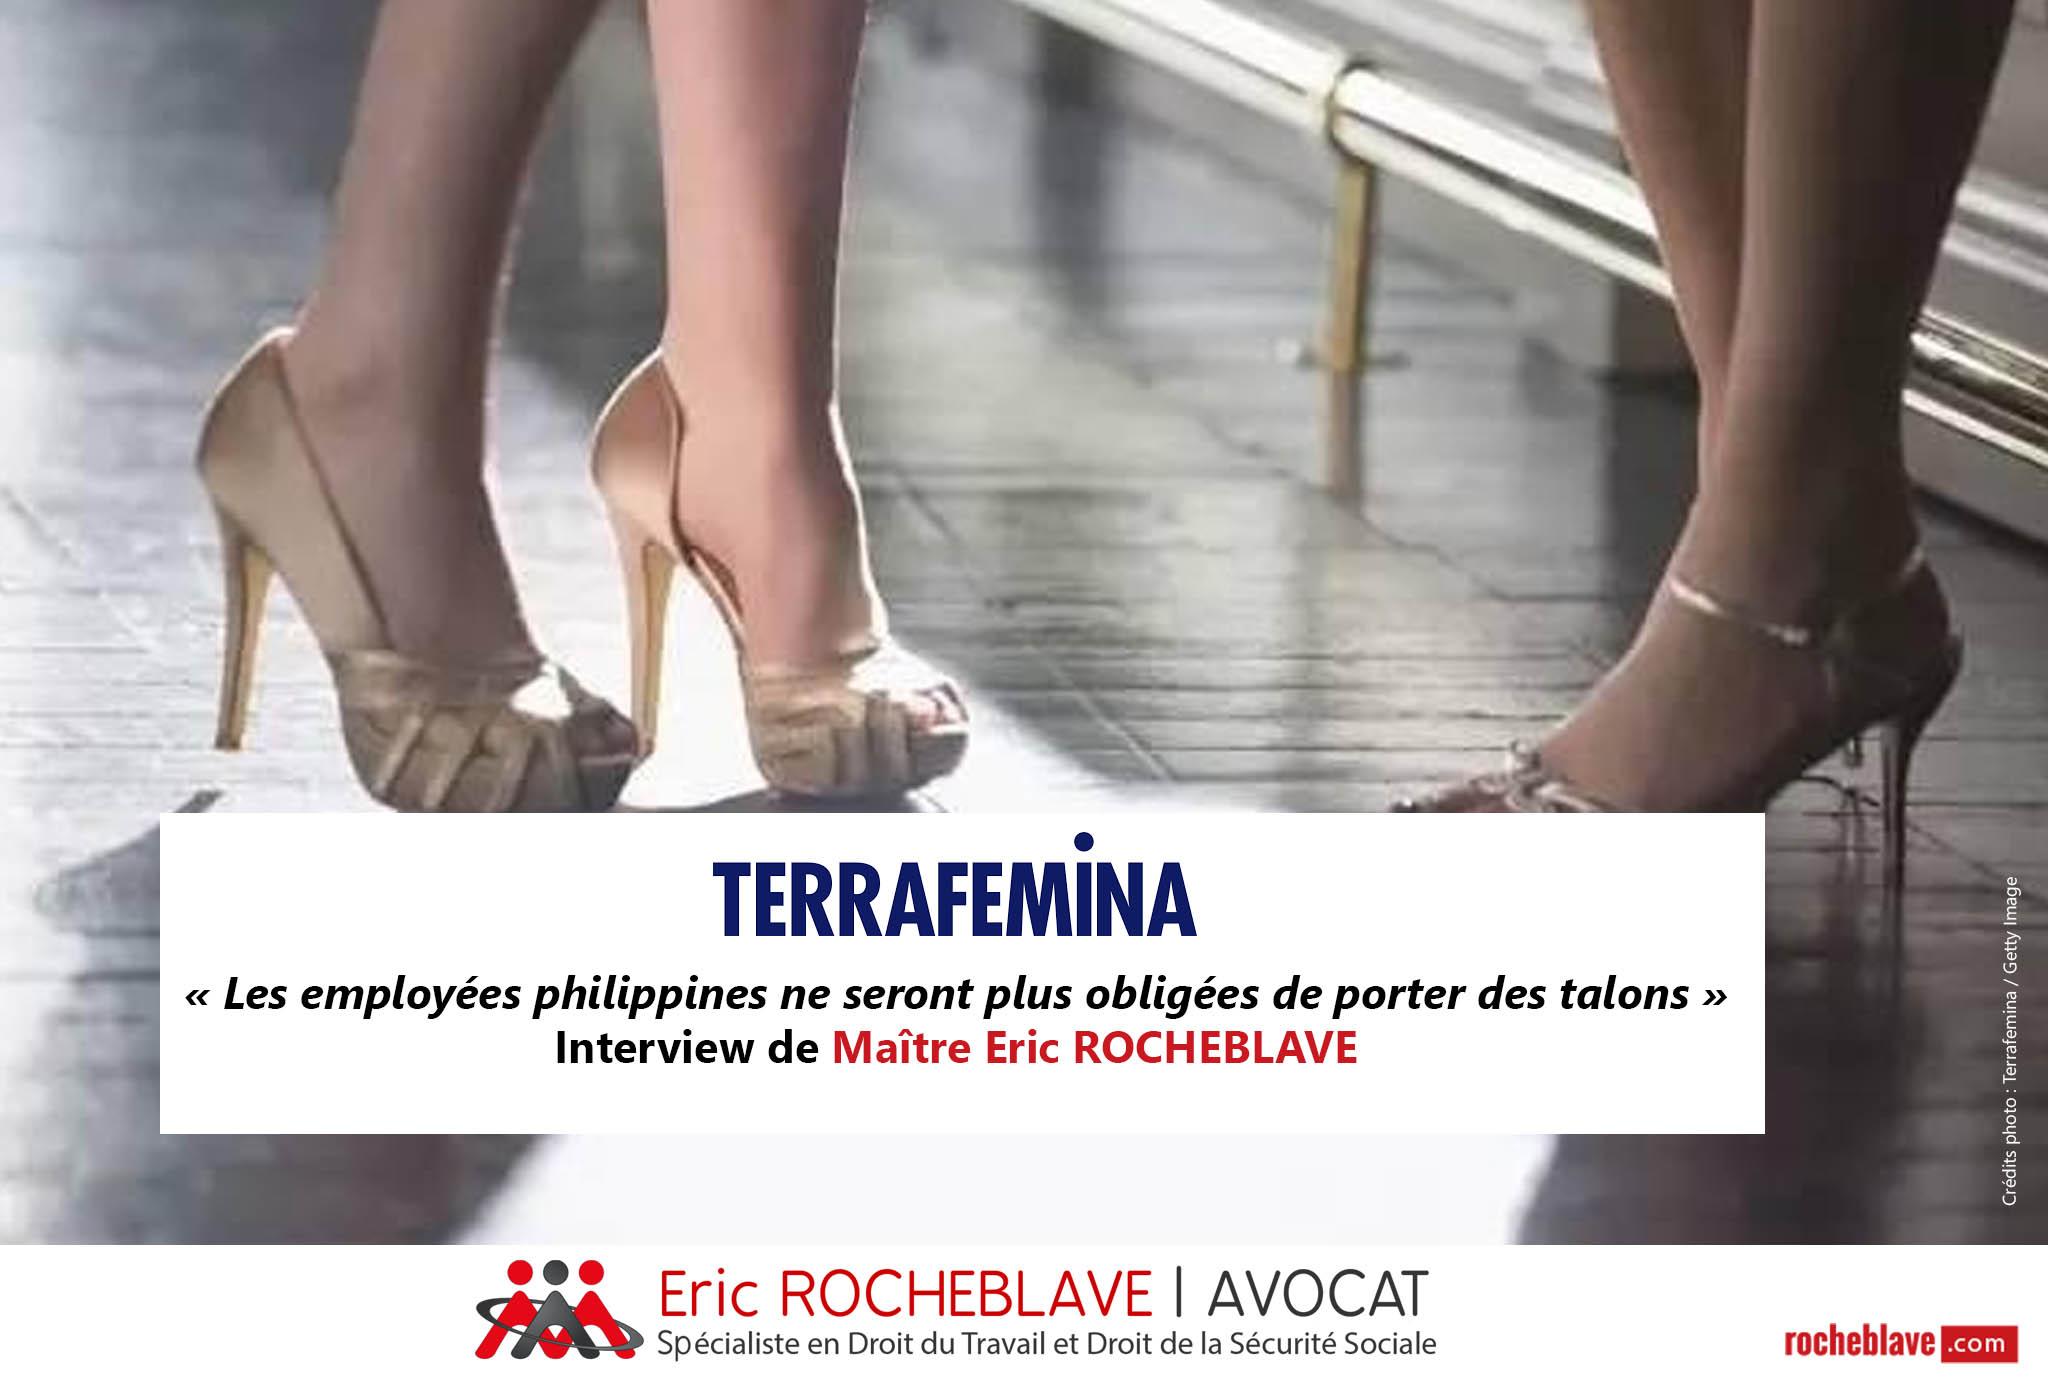 « Les employées philippines ne seront plus obligées de porter des talons » Interview de Maître Eric ROCHEBLAVE | TERRAFEMINA